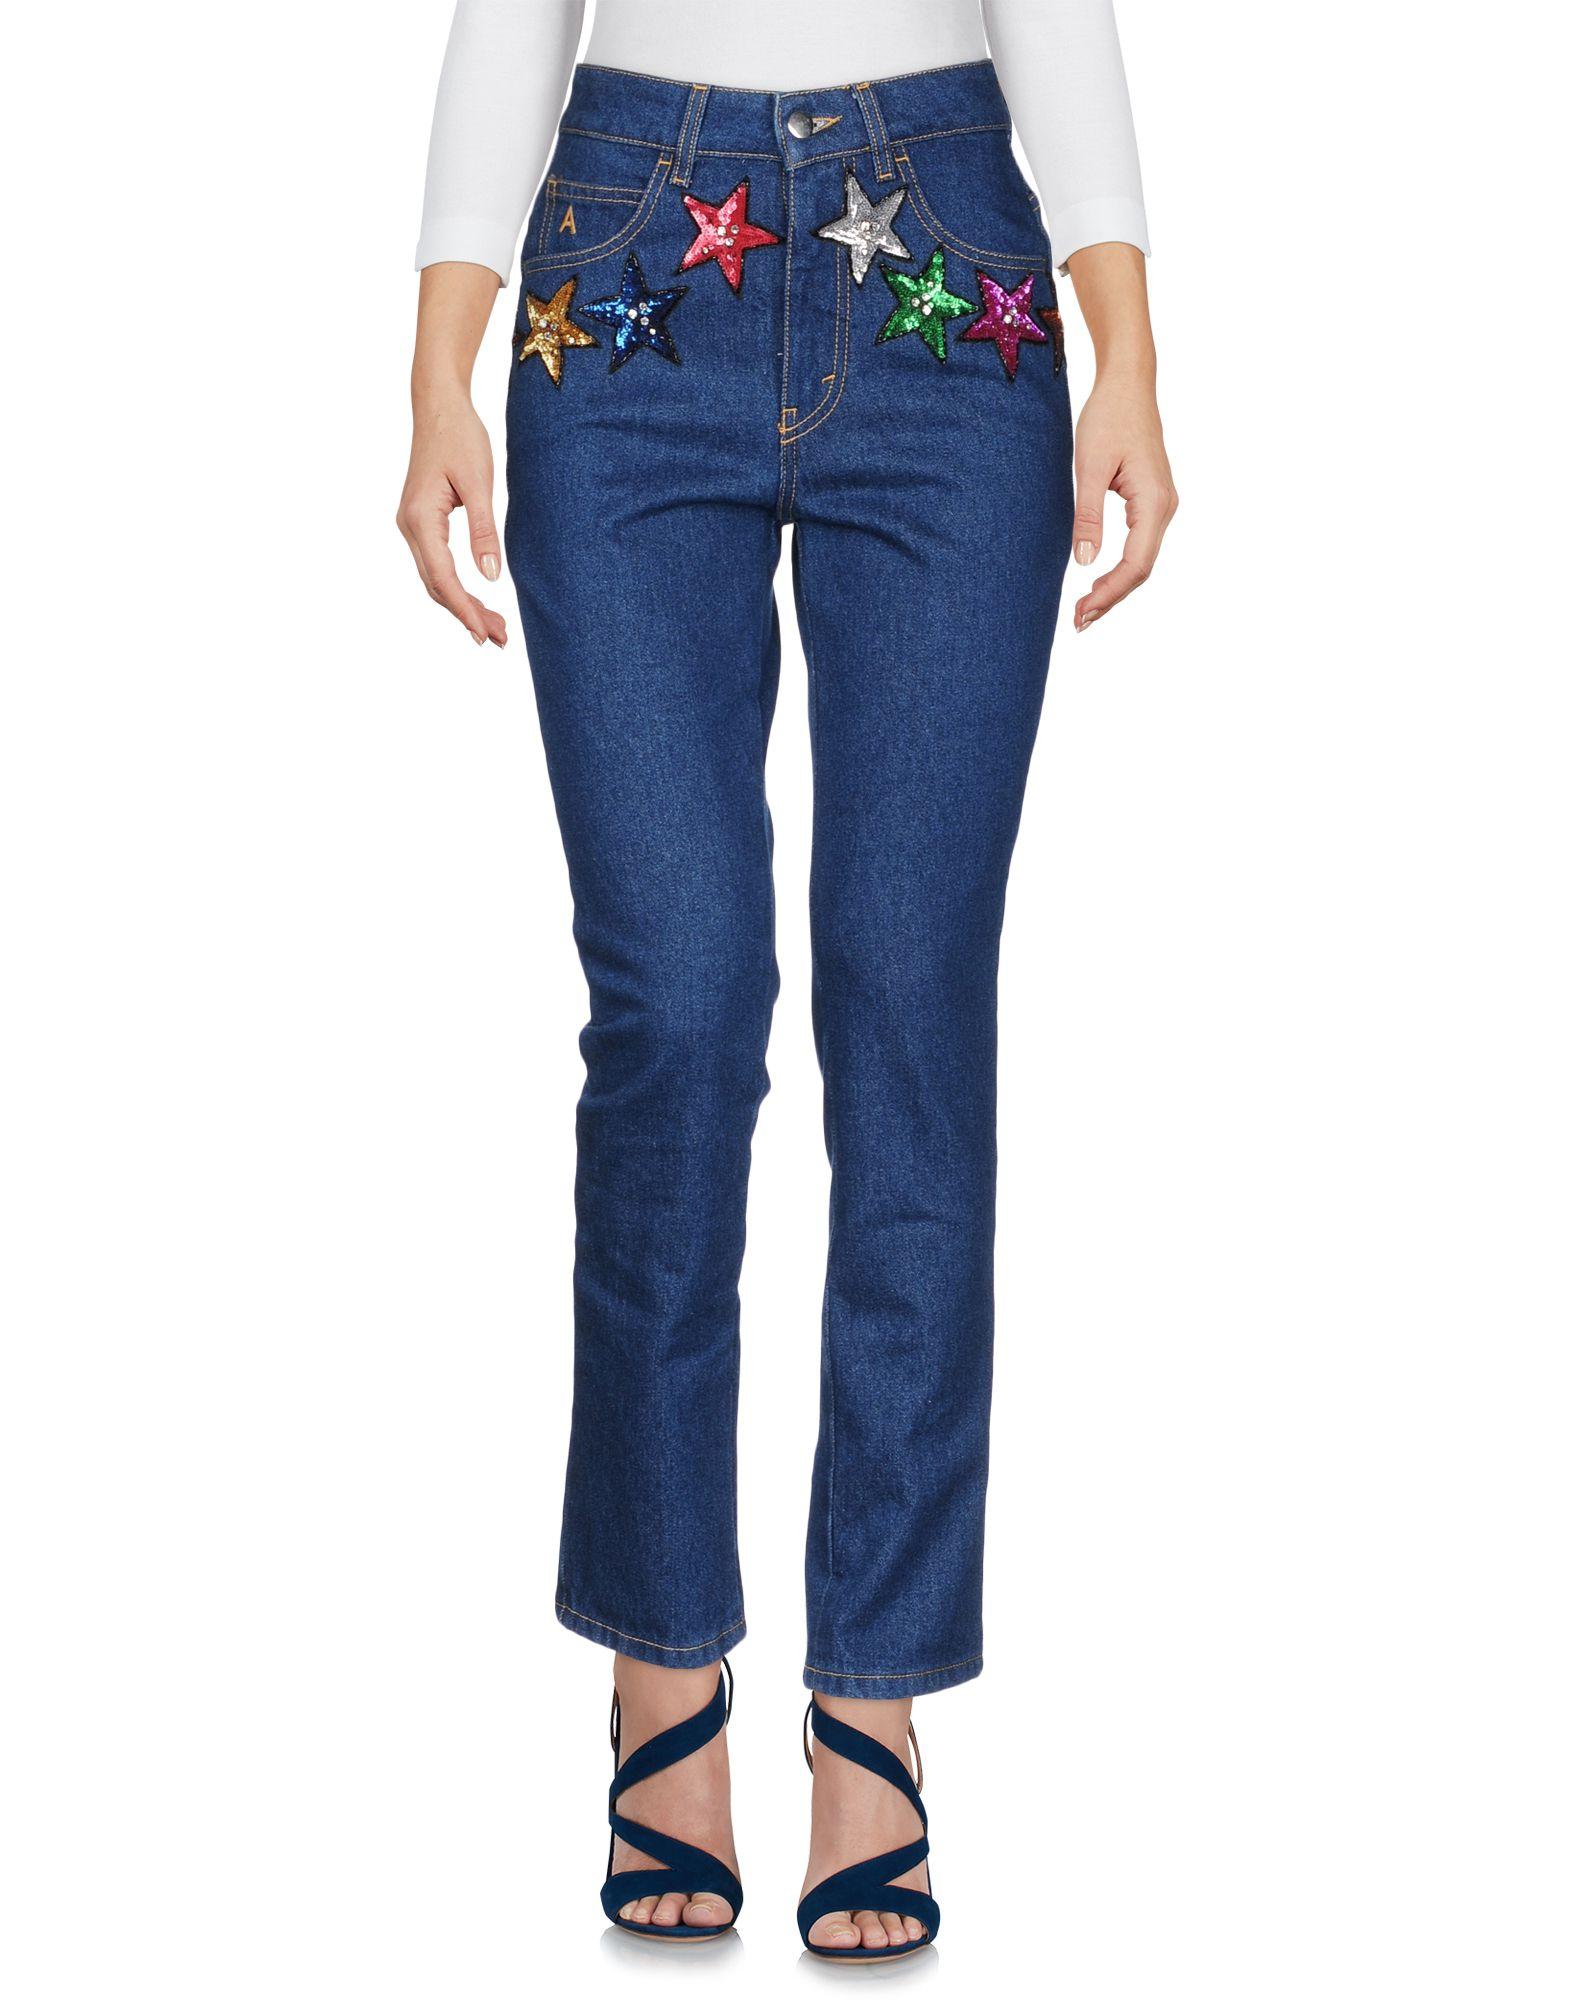 ATTICO Джинсовые брюки carver pioneer camp джинсовые брюки мужские обычные джинсовые брюки темно синий 33 611 021